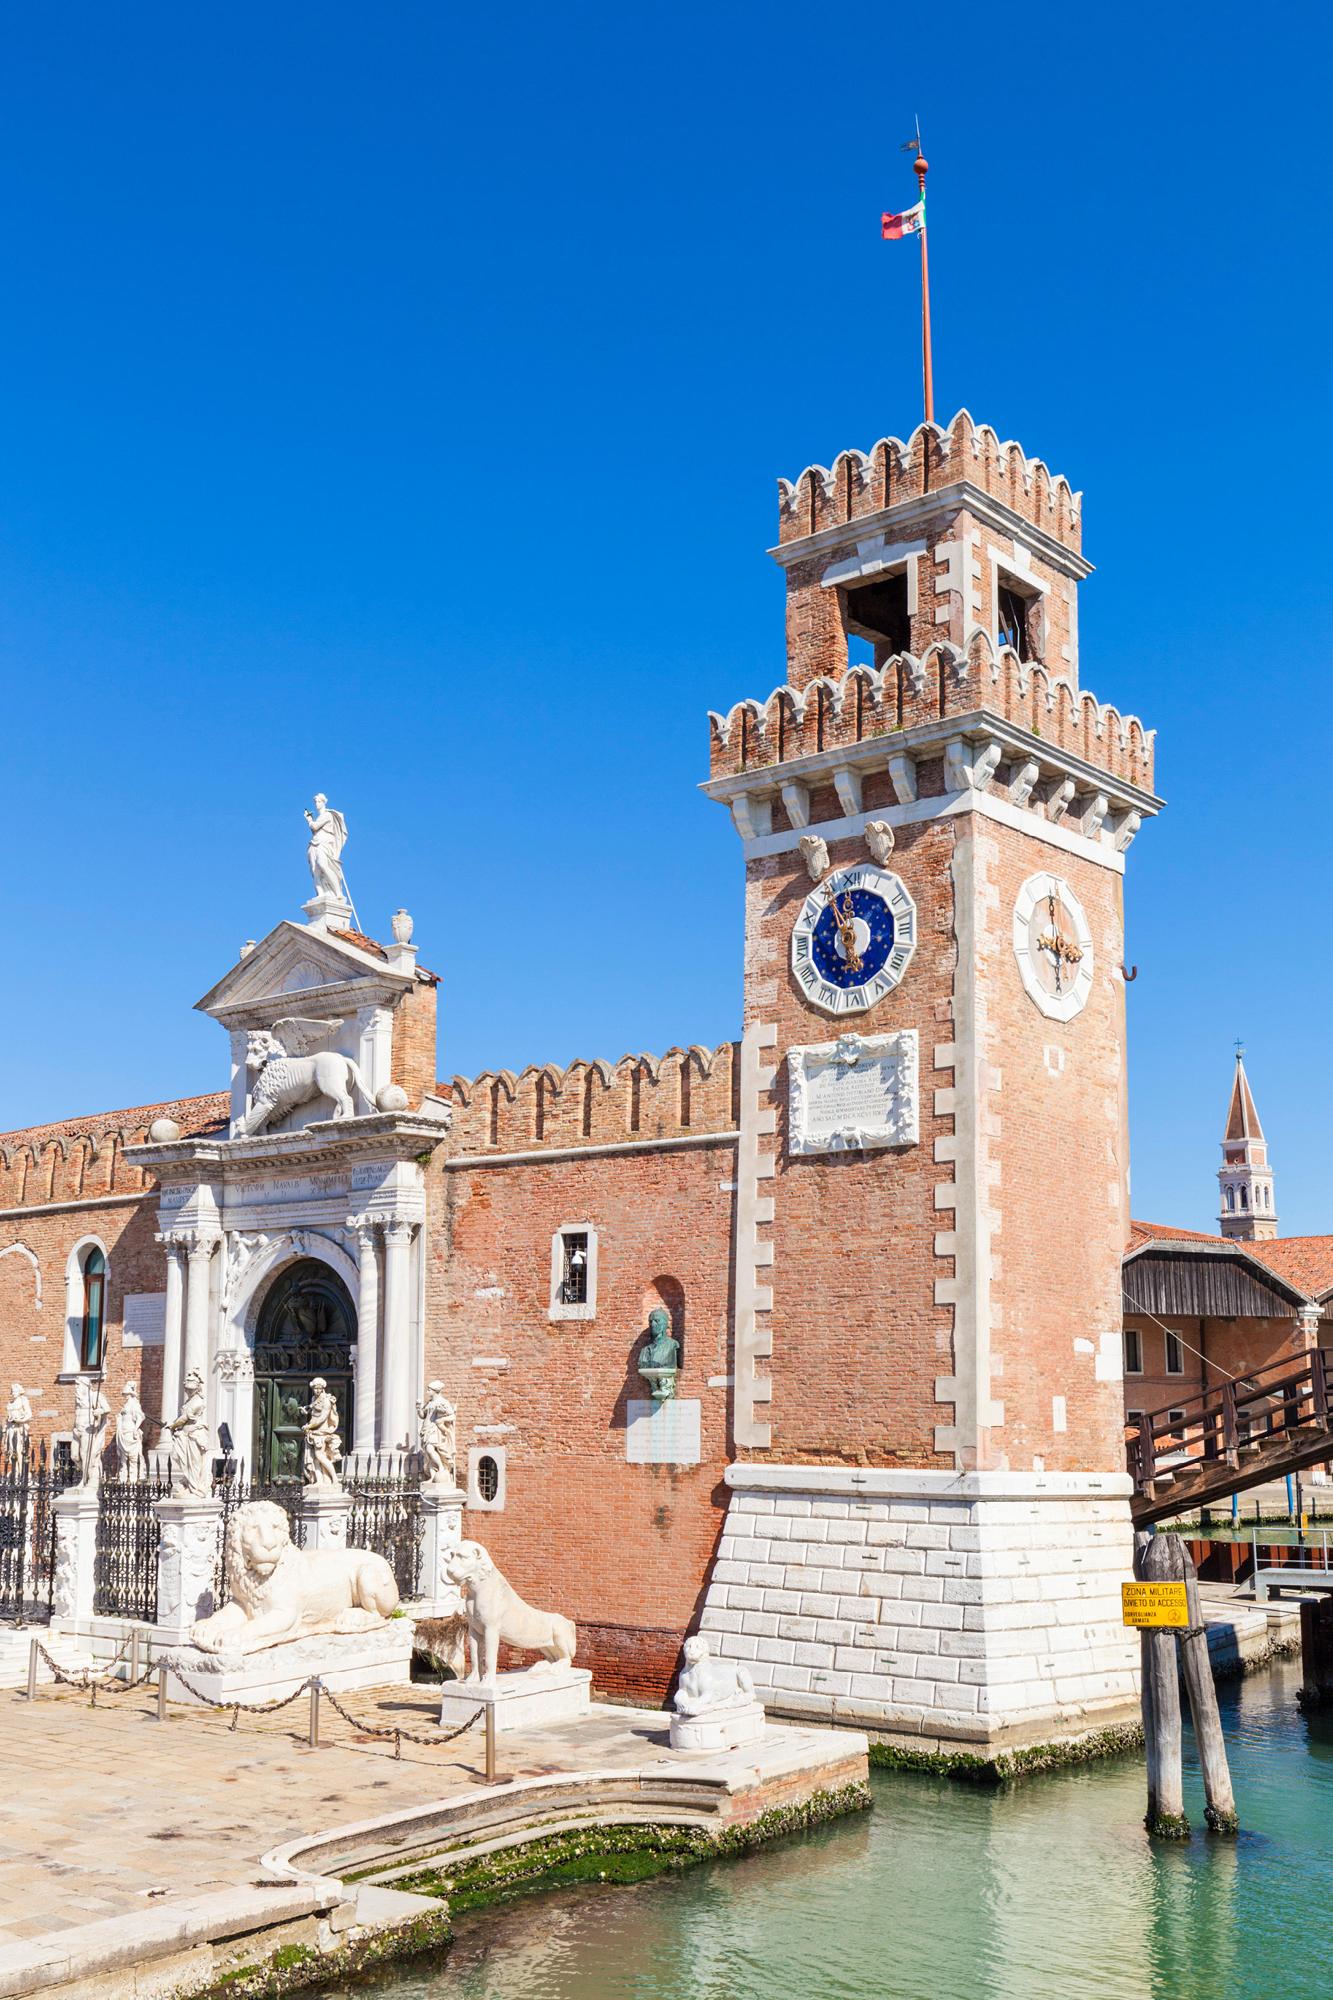 Porta Magna, the Arsenale di Venezia's land gate